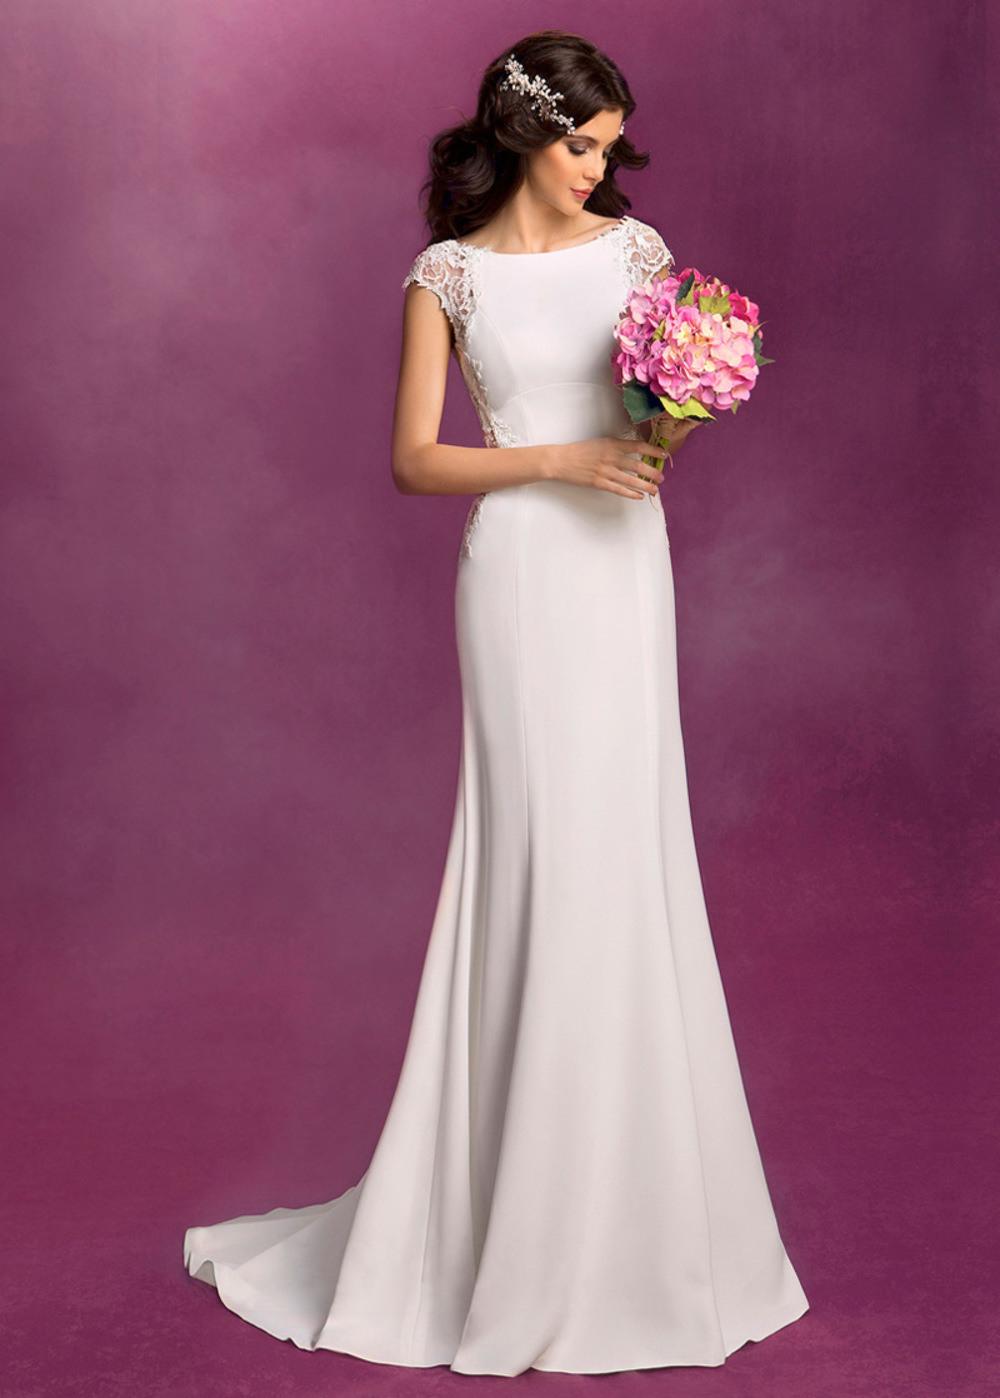 Formal Erstaunlich Elegante Brautkleider Ärmel17 Top Elegante Brautkleider Ärmel